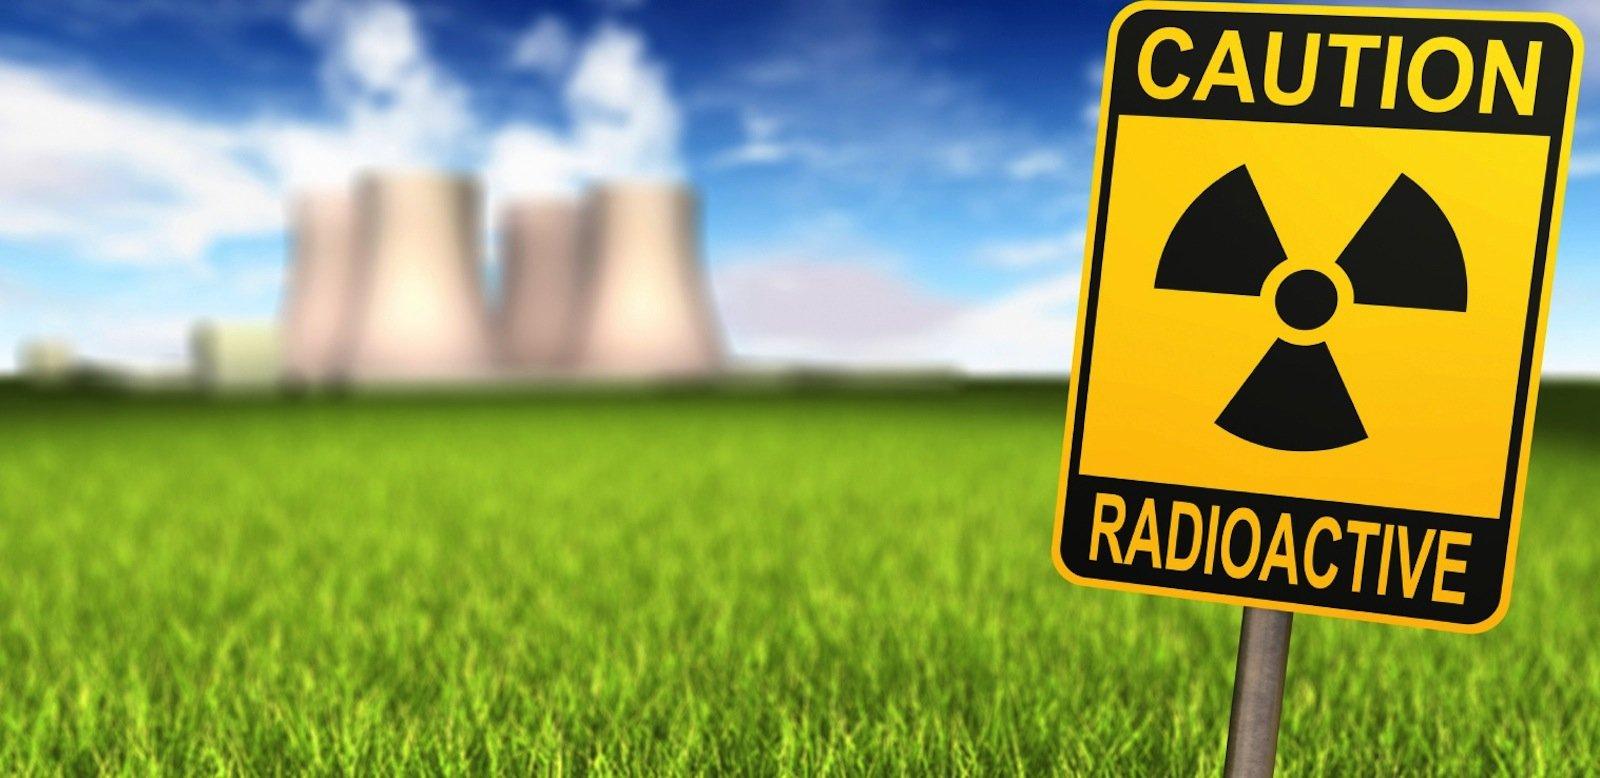 радиация канцерогенна